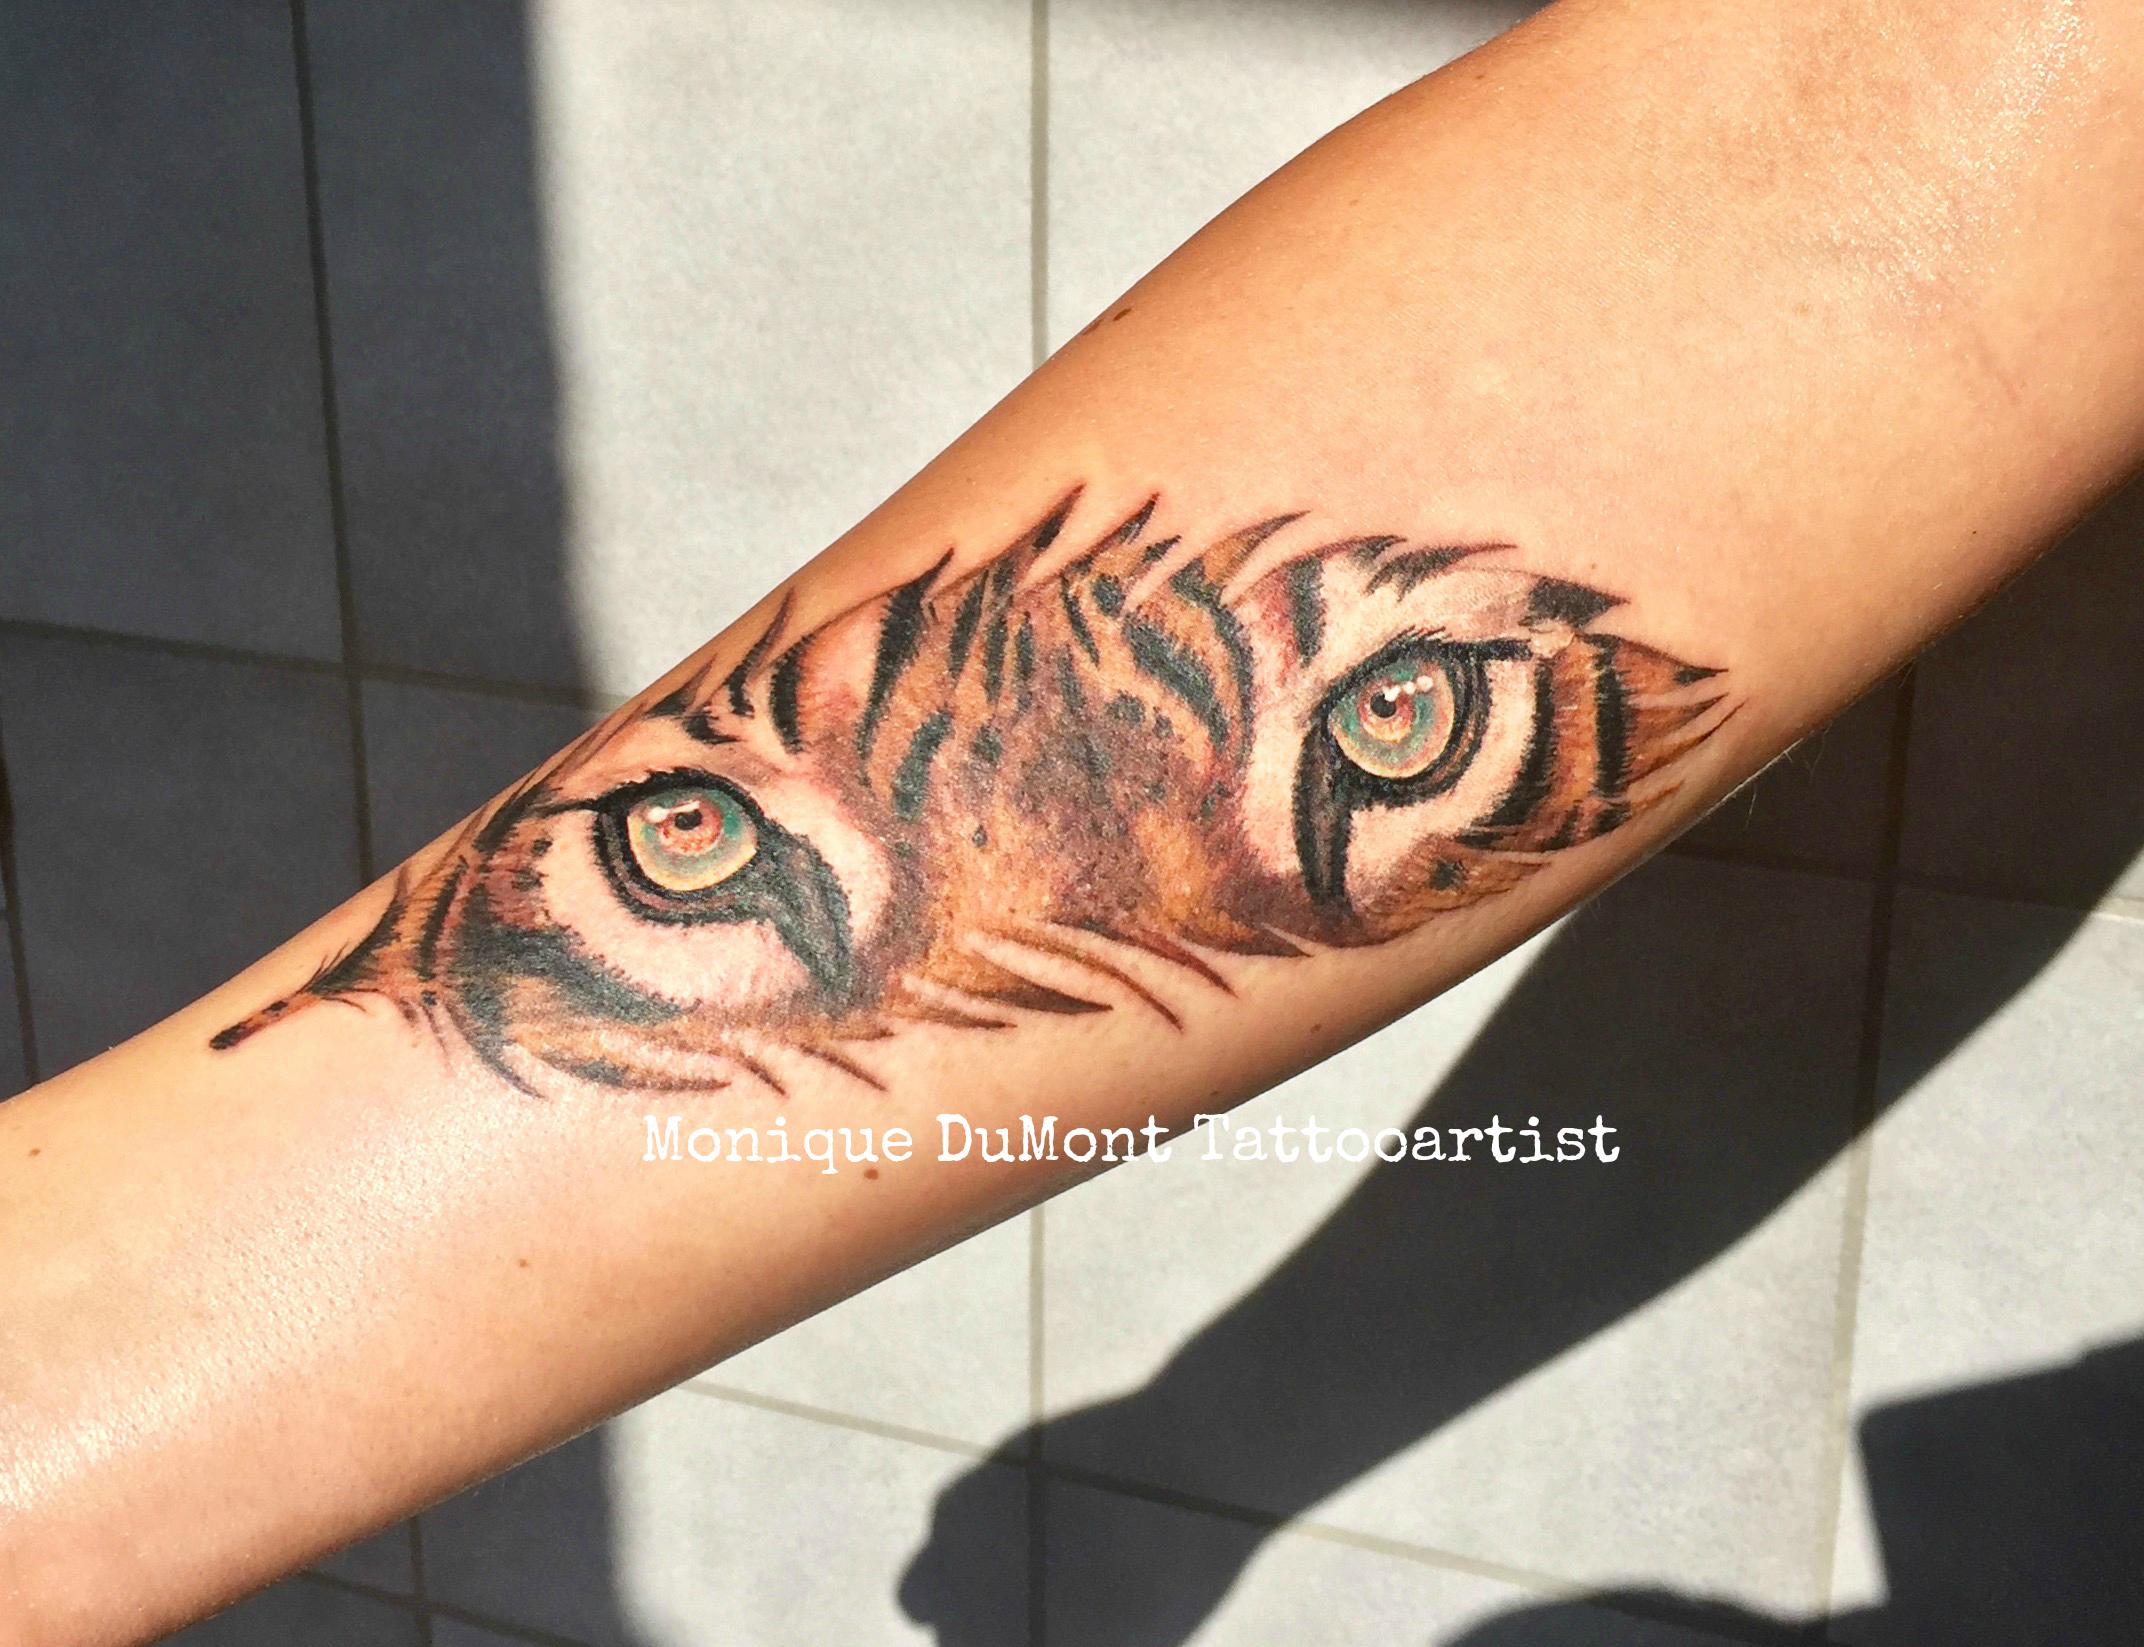 Anspruchsvoll Feder Tattoo Unterarm Das Beste Von Frommars: Tiger, Tigereyes, Feder, Feather | Tattoos